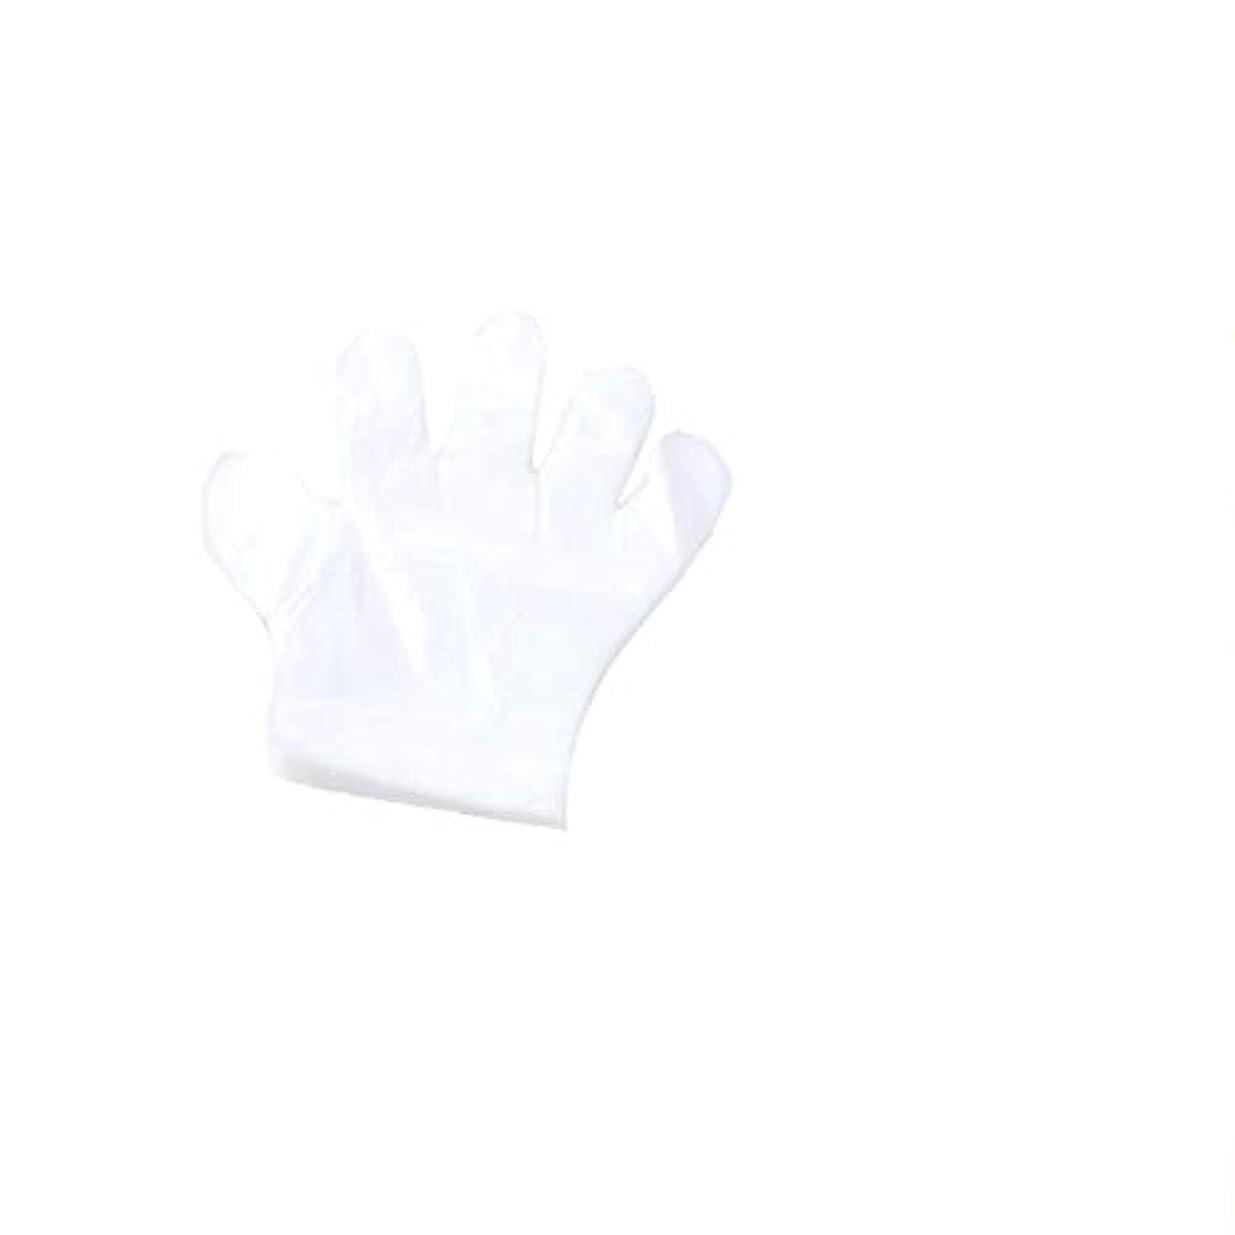 事務所ホバート爆発する手袋は、2000年の食品グレードの家庭用の透明プラスチック使い捨て手袋でのみ厚くなっています。 (UnitCount : 2000*2000)